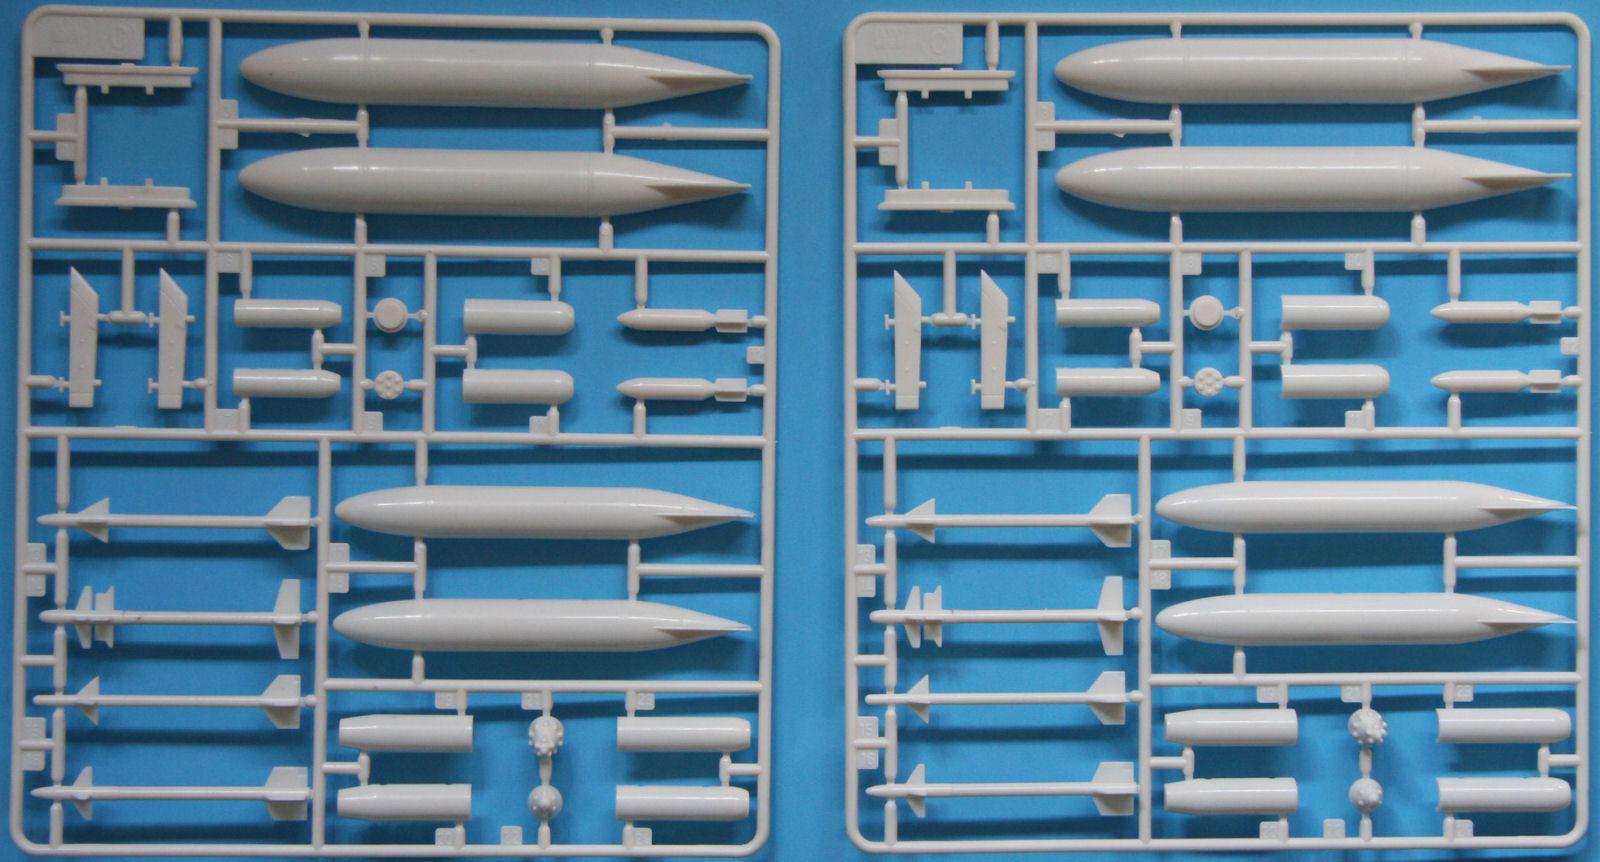 AA Sino Model F006 1 48 F 6bis A 5C Fantan Parts Image 04